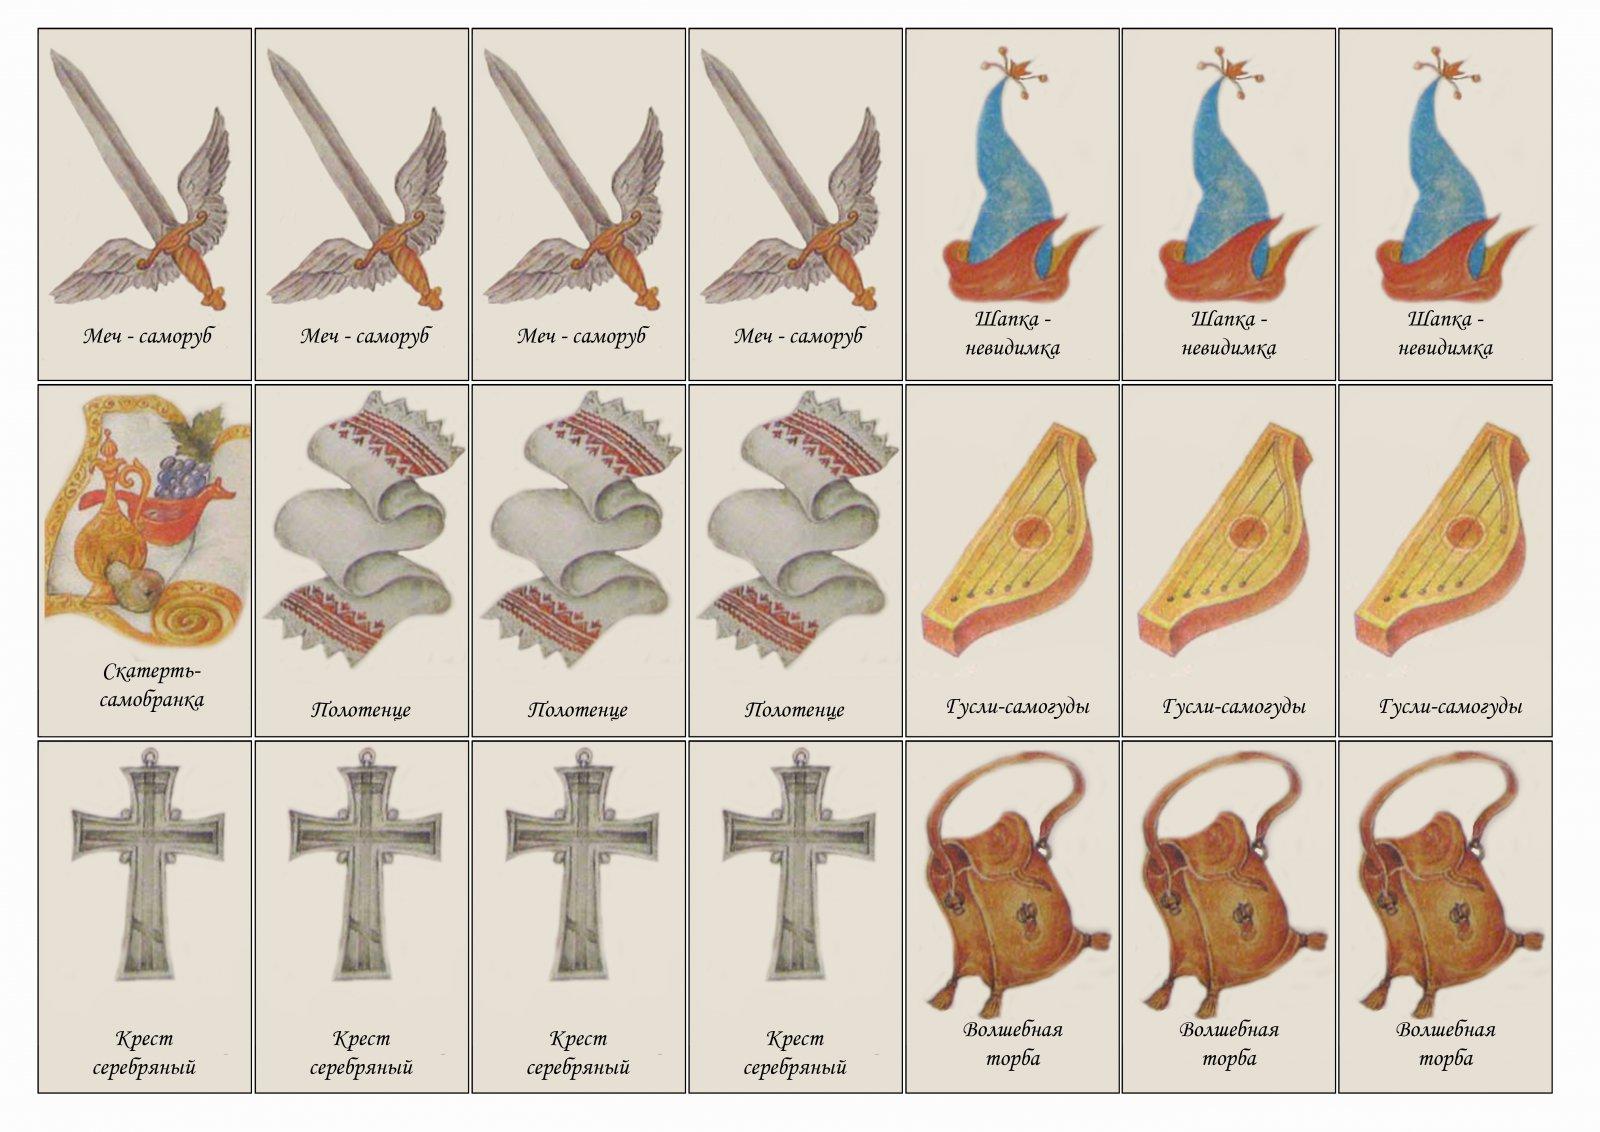 таблица менделеева карточки для печати